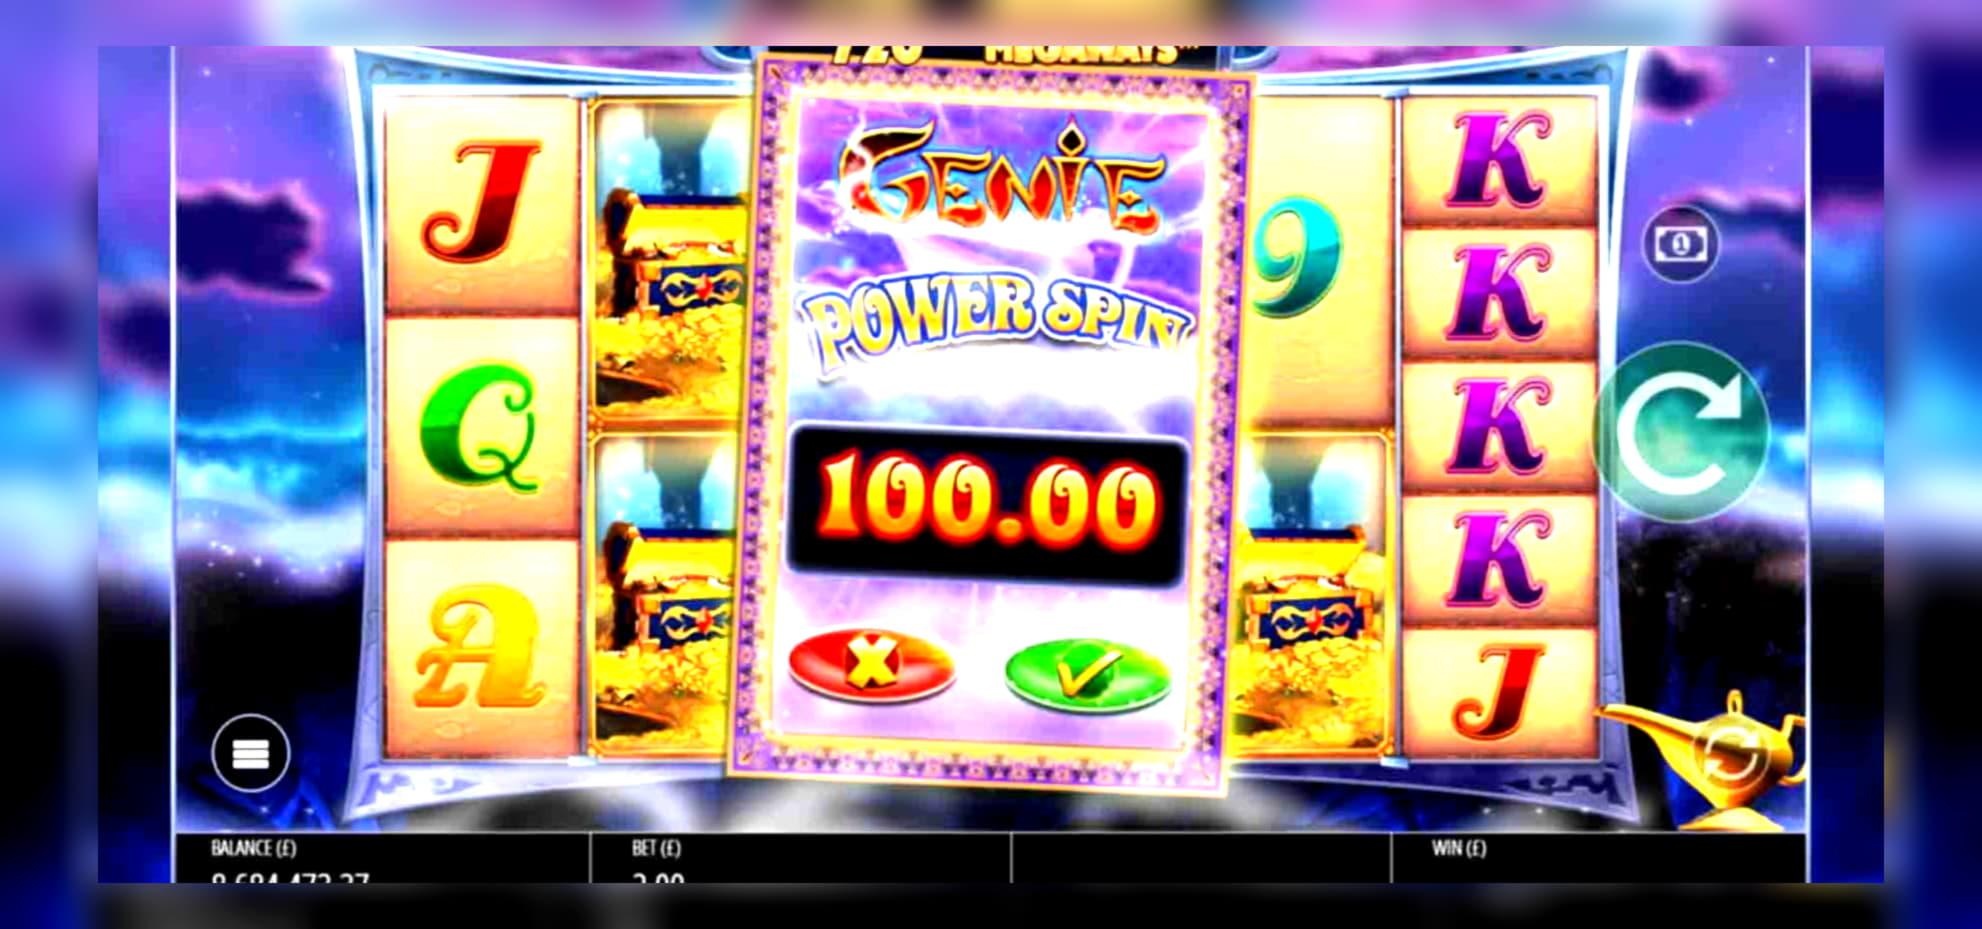 155 สปินฟรีโลยัลตี้! ที่ Lucky Red Casino